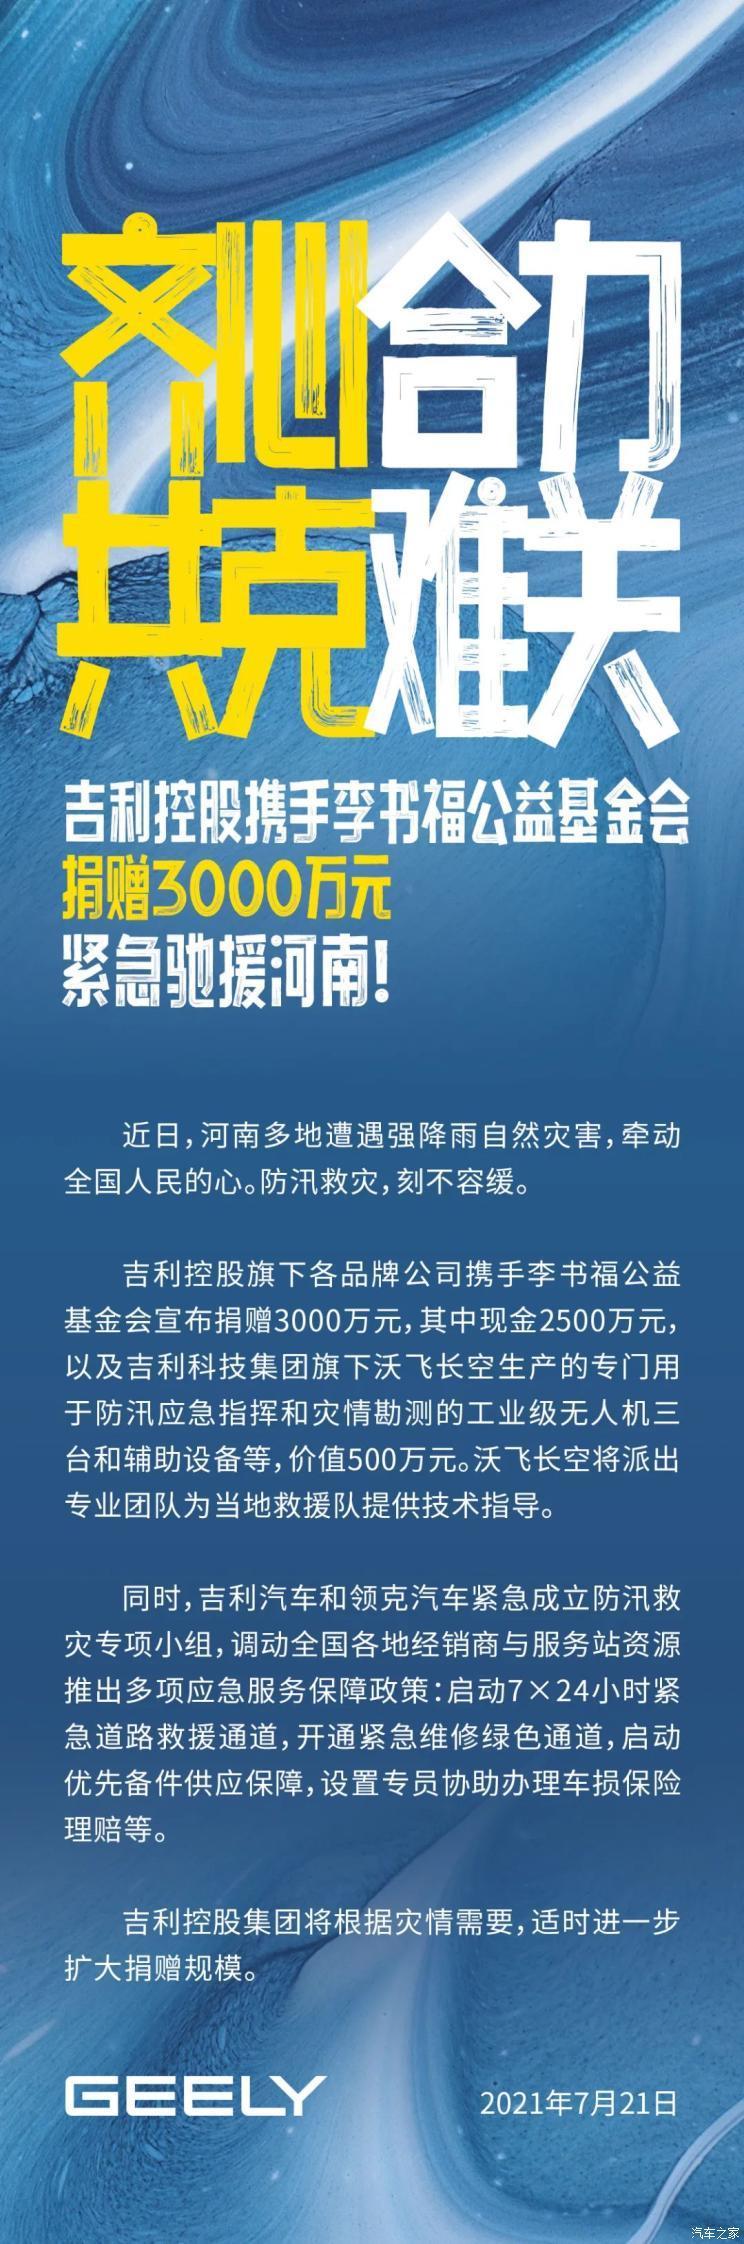 驰援河南 吉利控股携李书福公益捐3千万